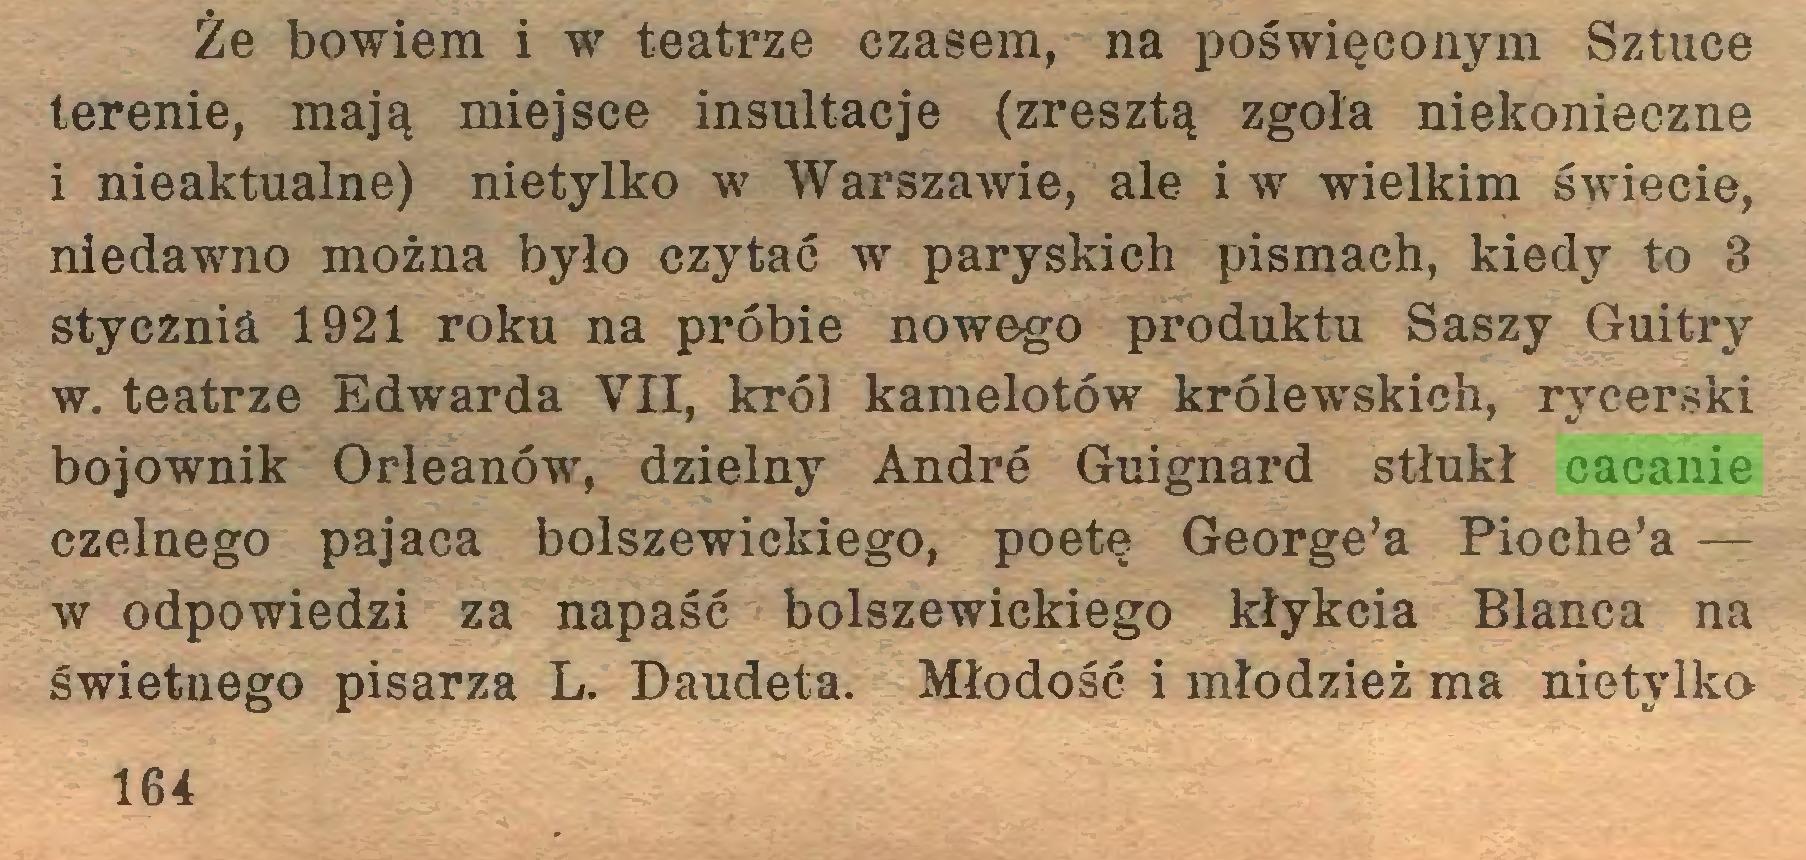 (...) Że bowiem i w teatrze czasem, na poświęconym Sztuce terenie, mają miejsce insultacje (zresztą zgoła niekonieczne i nieaktualne) nietylko w Warszawie, ale i w wielkim świecie, niedawno można było czytać w paryskich pismach, kiedy to 3 stycznia 1921 roku na próbie nowego produktu Saszy Guitry w. teatrze Edwarda VII, król kamelotów królewskich, rycerski bojownik Orleanów, dzielny André Guignard stłukł cacanie czelnego pajaca bolszewickiego, poetę George'a Pioehe'a — w odpowiedzi za napaść bolszewickiego kłykcia Błanca na świetnego pisarza L. Daudeta. Młodość i młodzież ma nietylko 164...